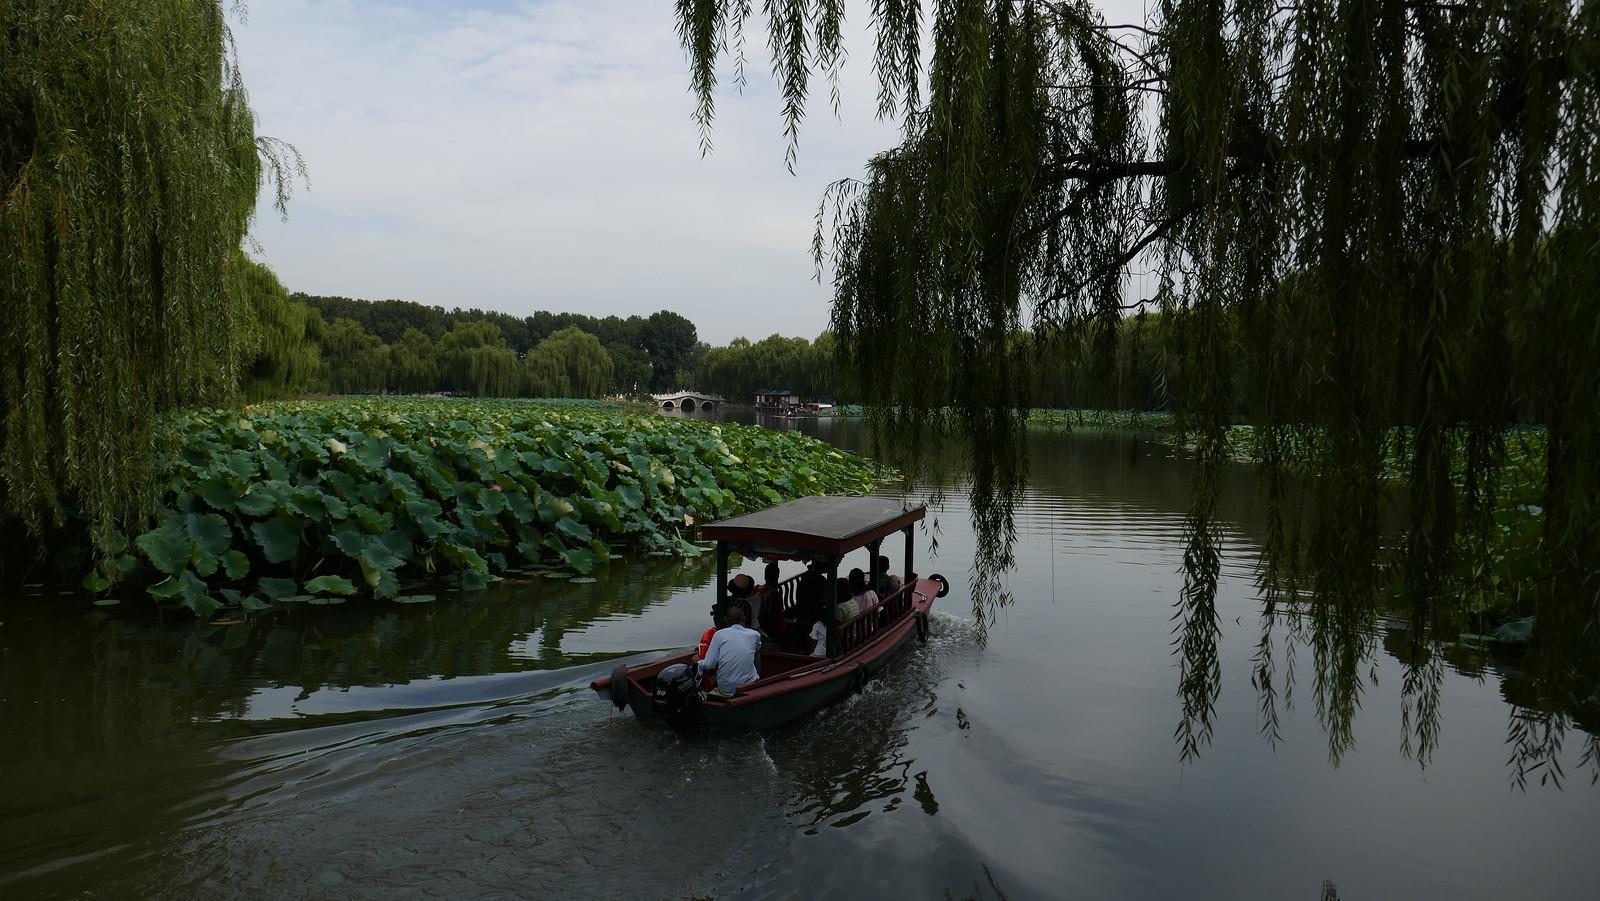 Embarcación de recreo surcando tranquilamente uno de los muchos canales del Antiguo Palacio de Verano